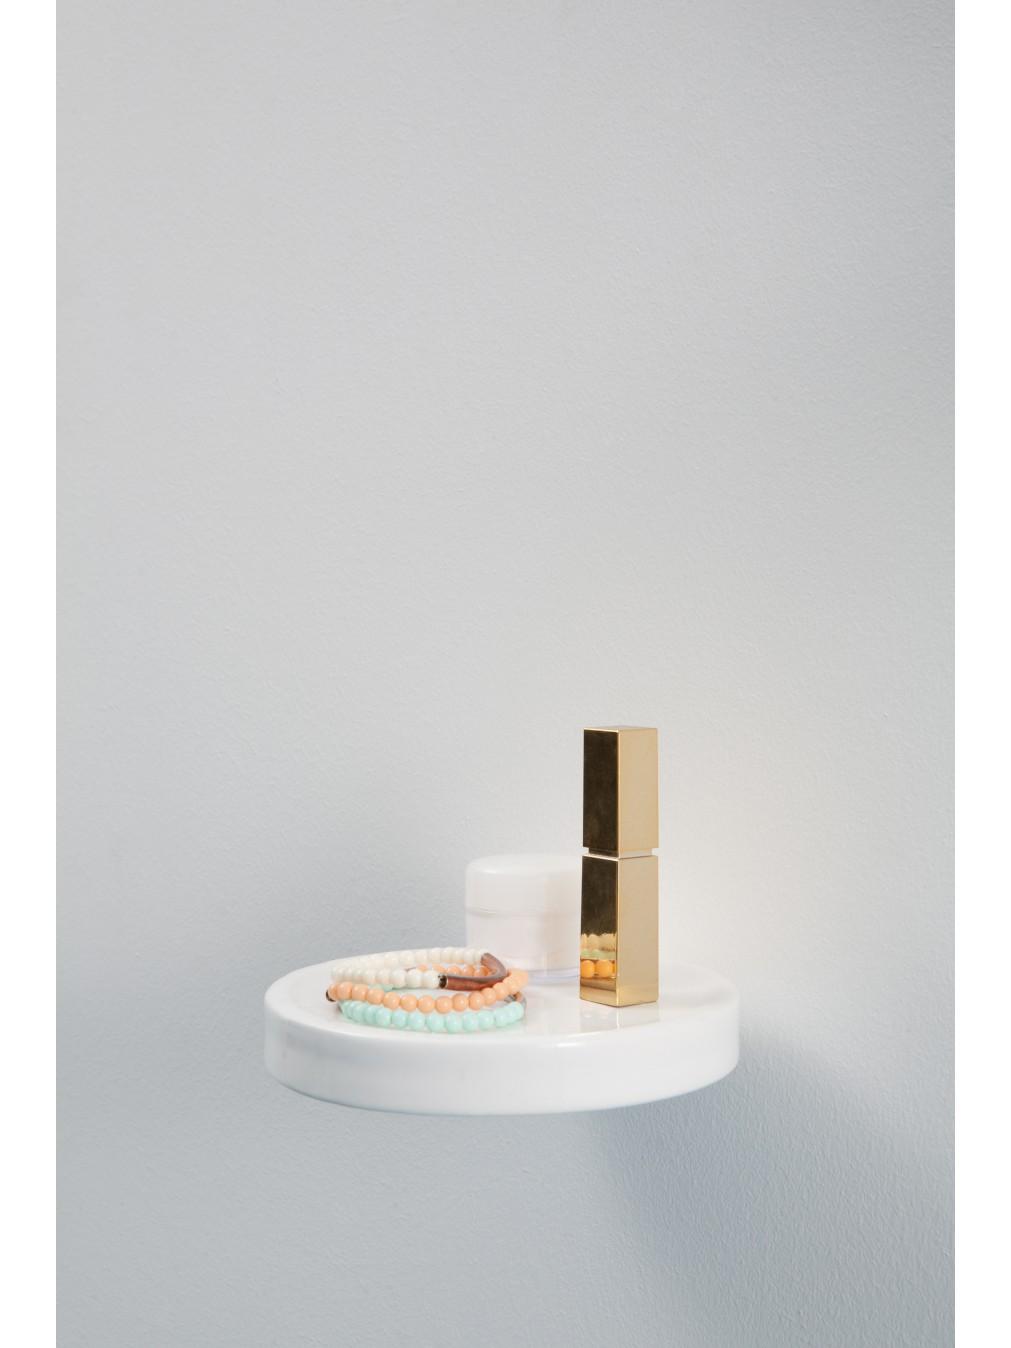 Étagères - Inga Sempé - Vide poche Céramique Balcon - Moustache